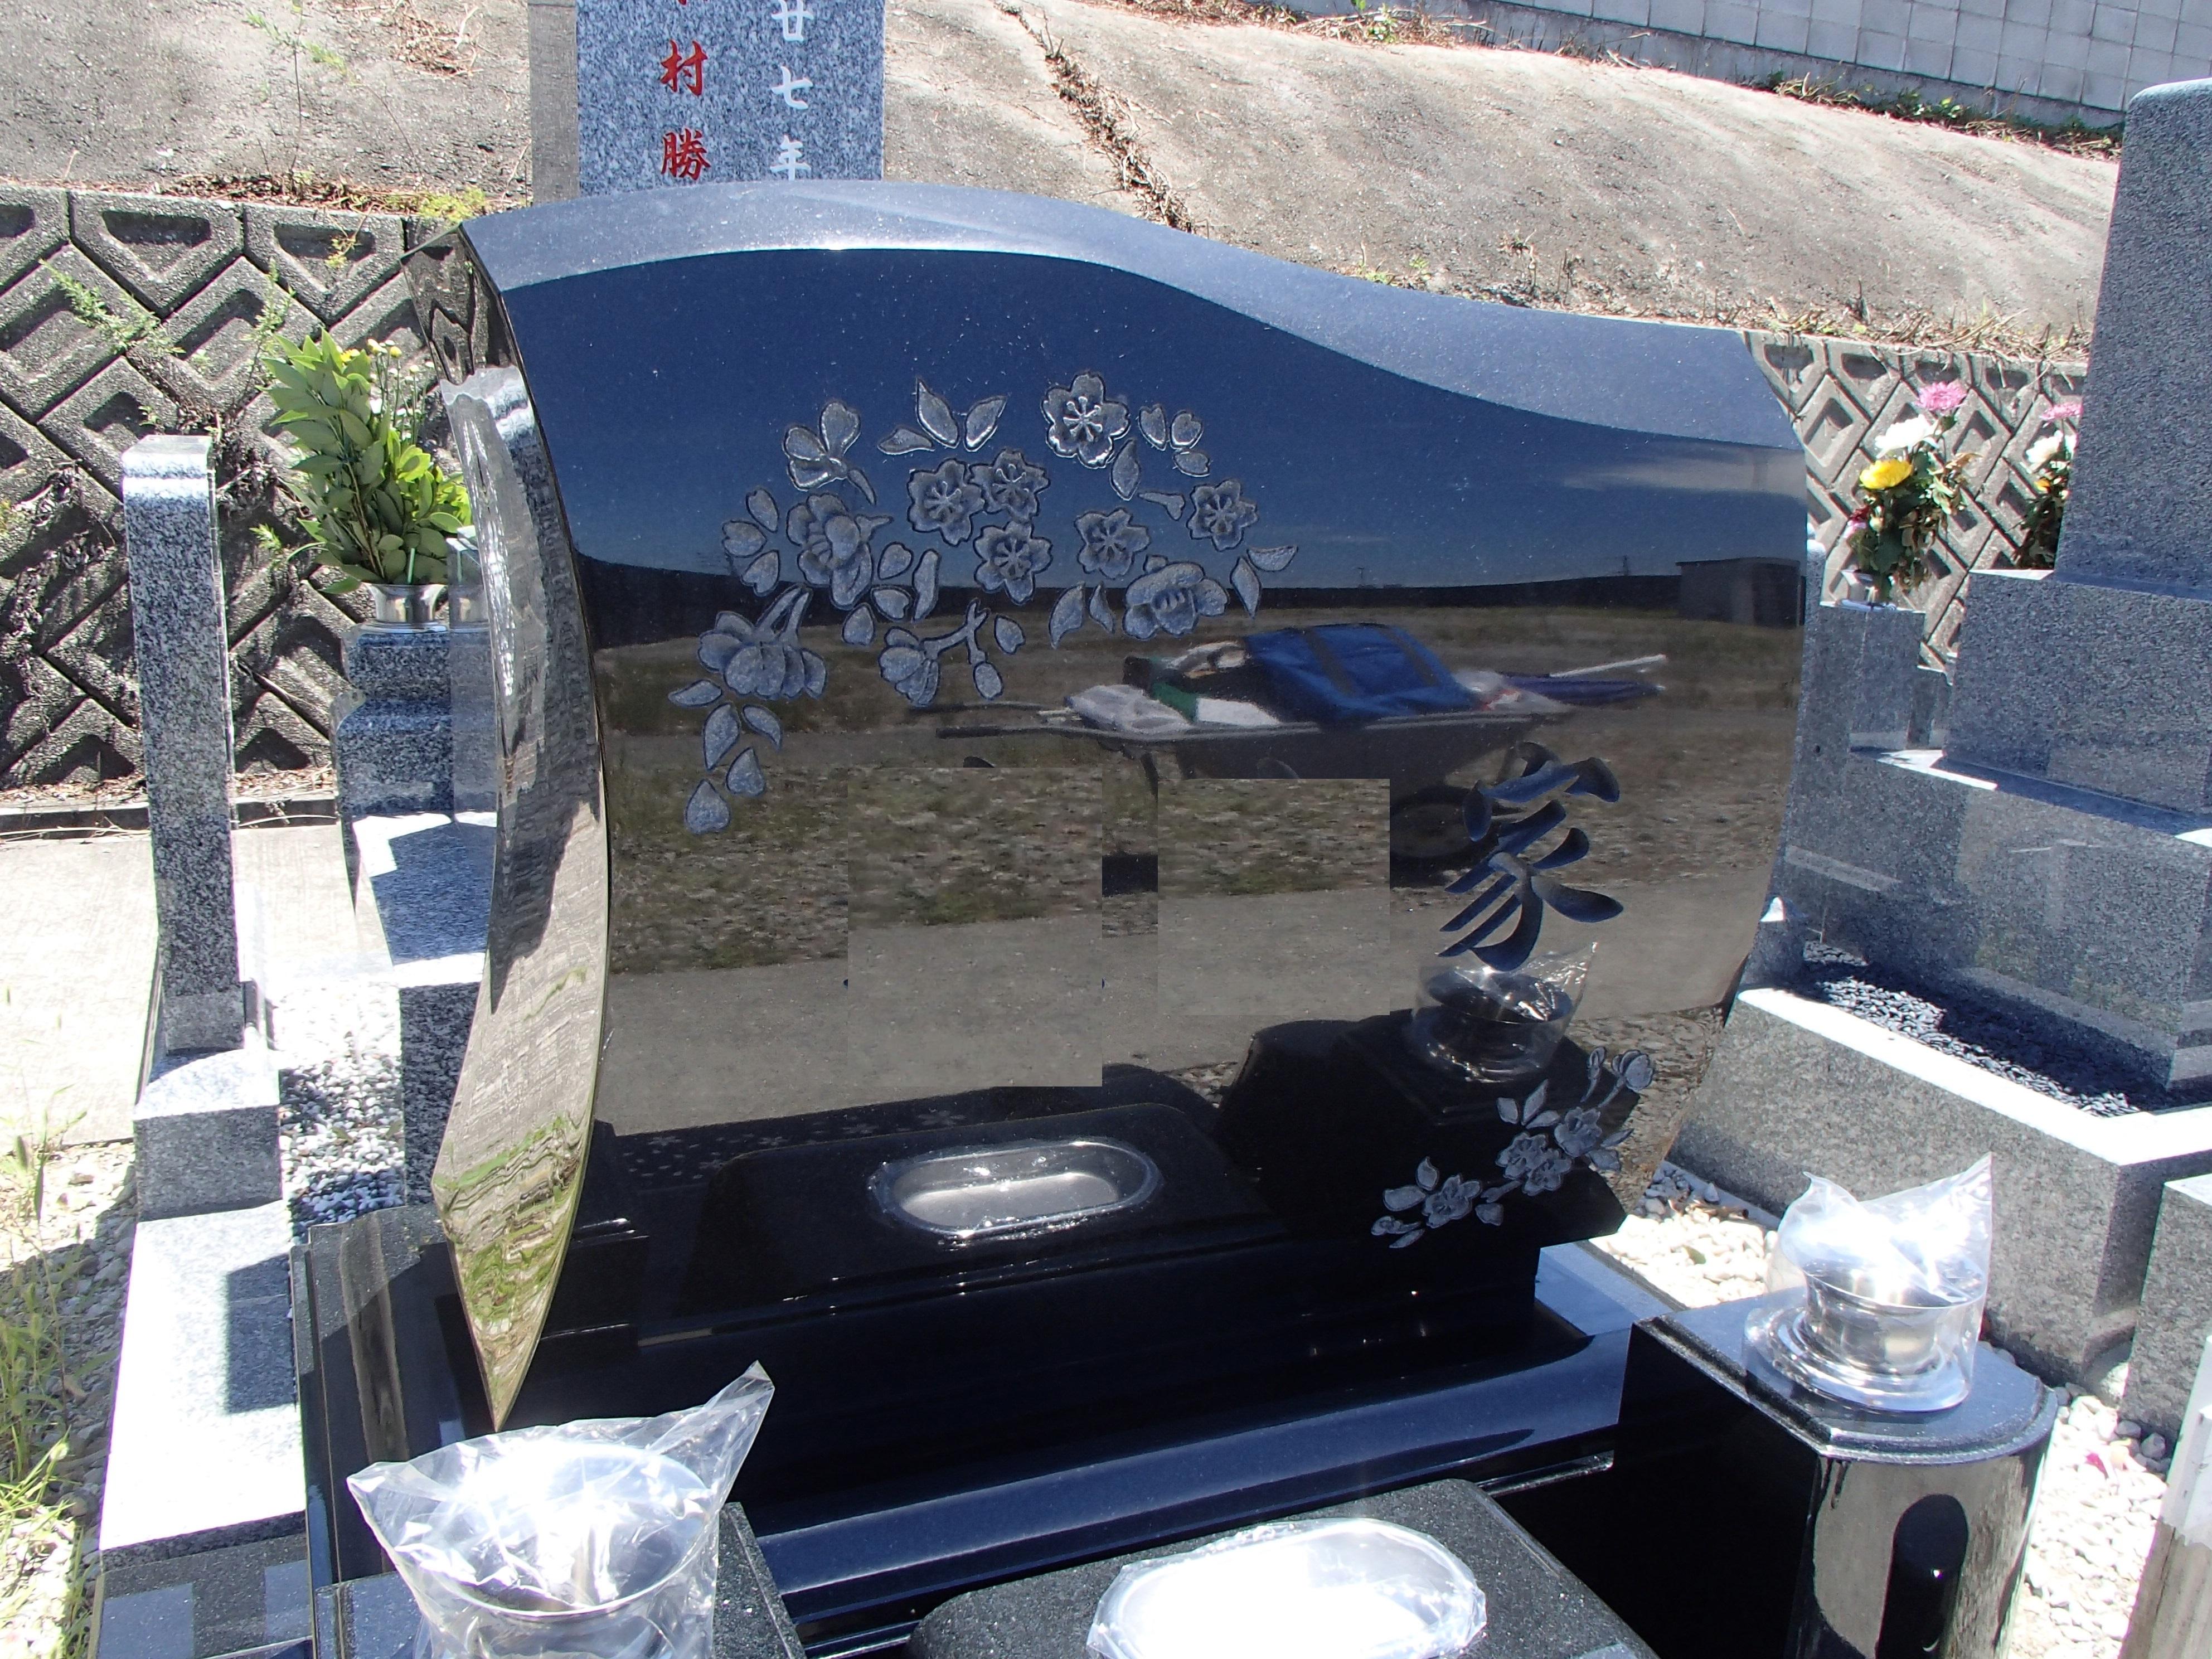 施工例洋型デザイン3-26 和泉市 信太山霊園の詳細画像2